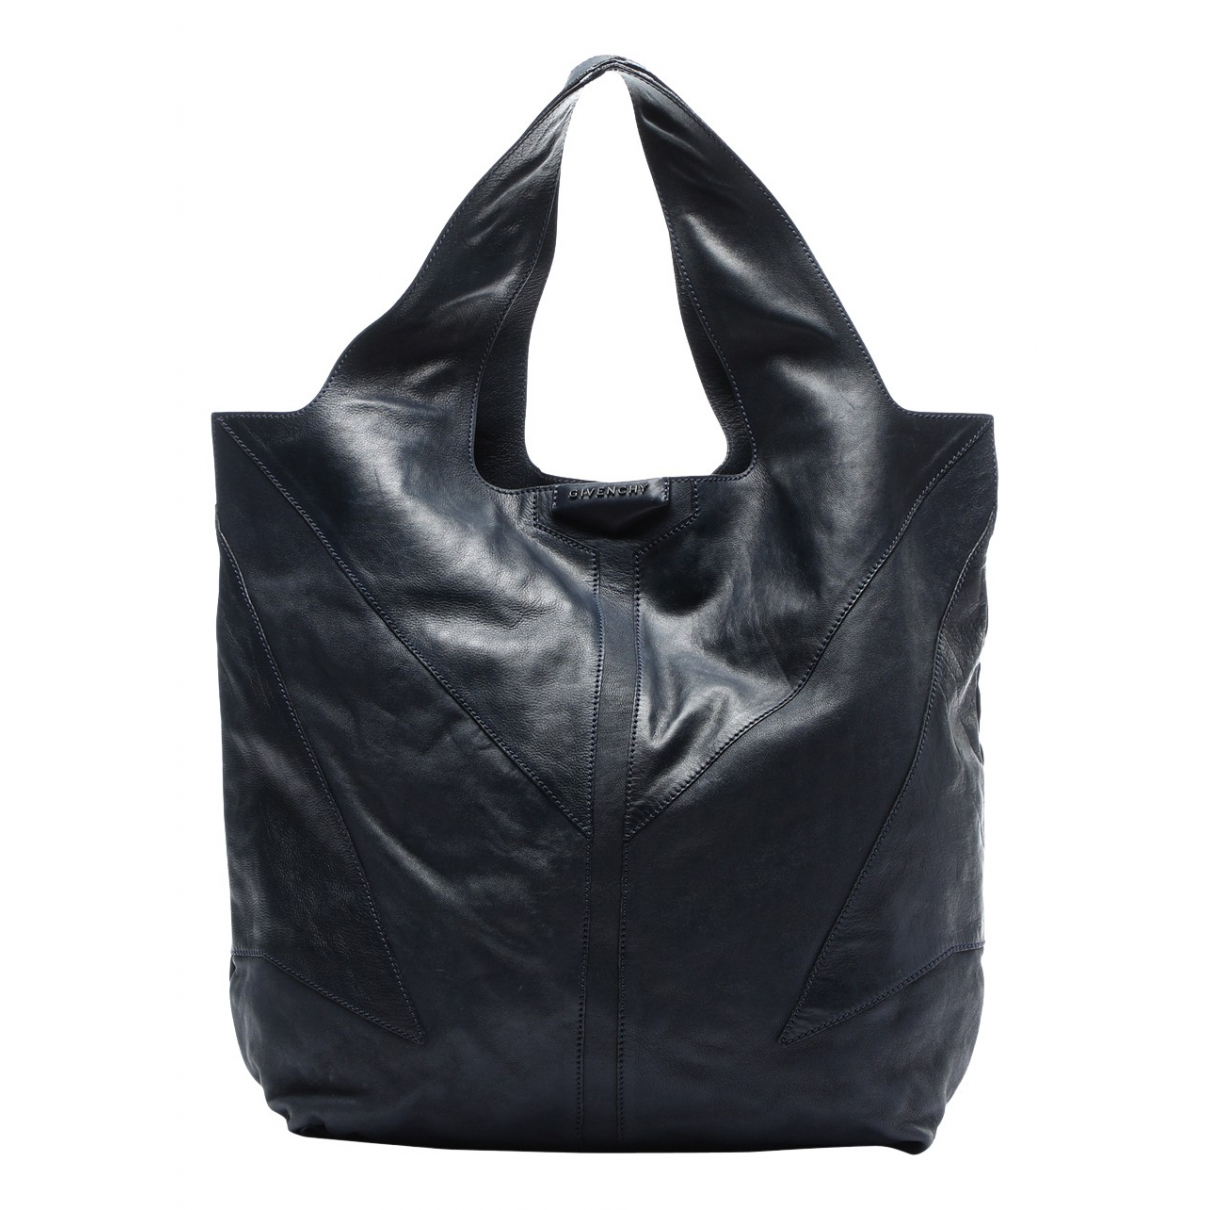 Givenchy \N Handtasche in  Marine Leder